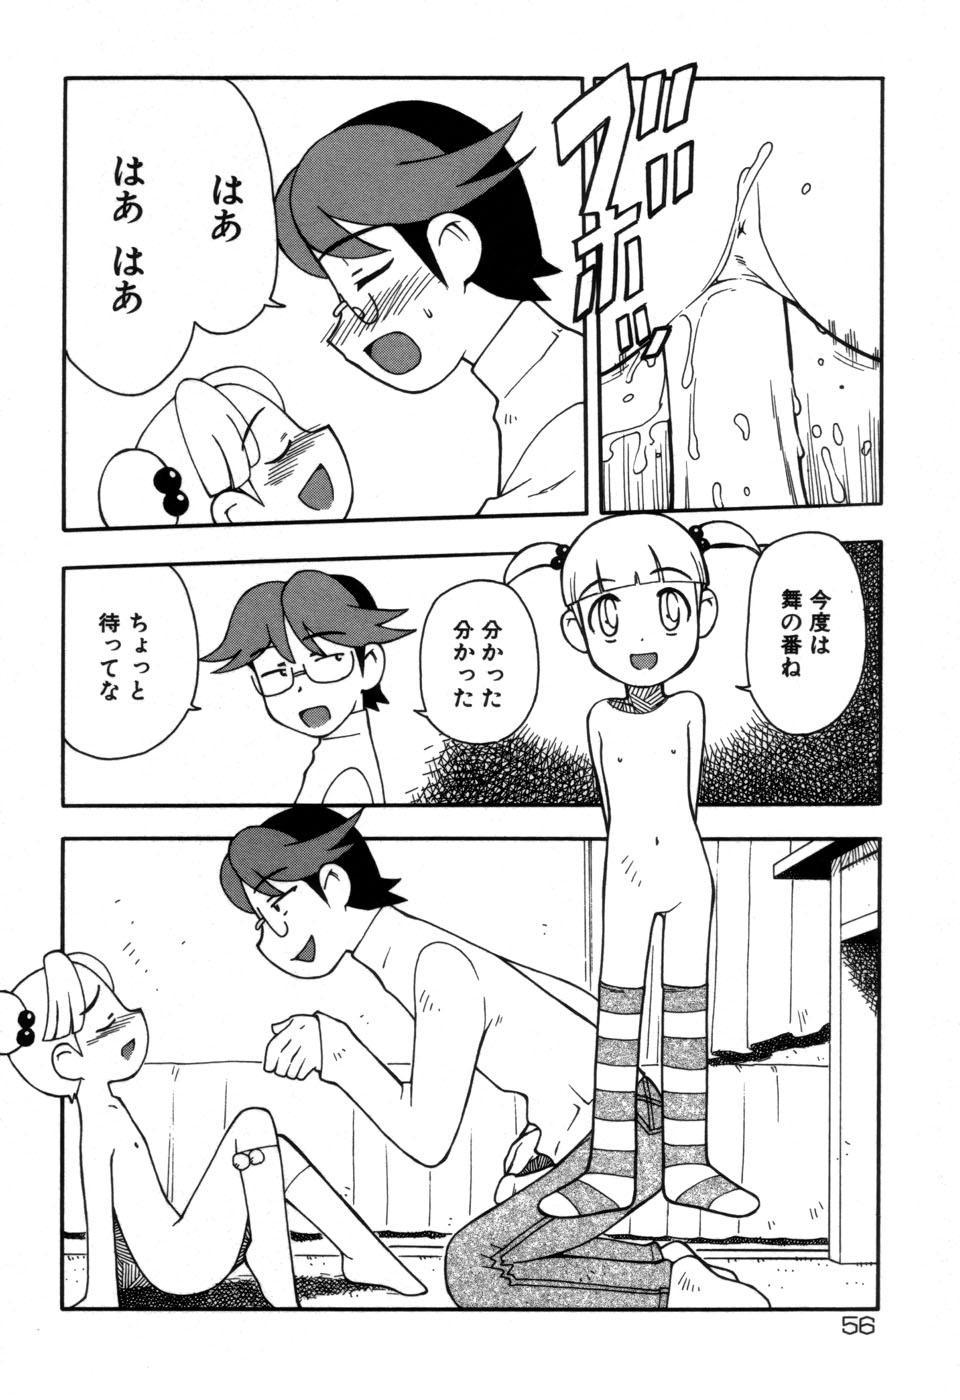 Imouto no Hiasobi 57